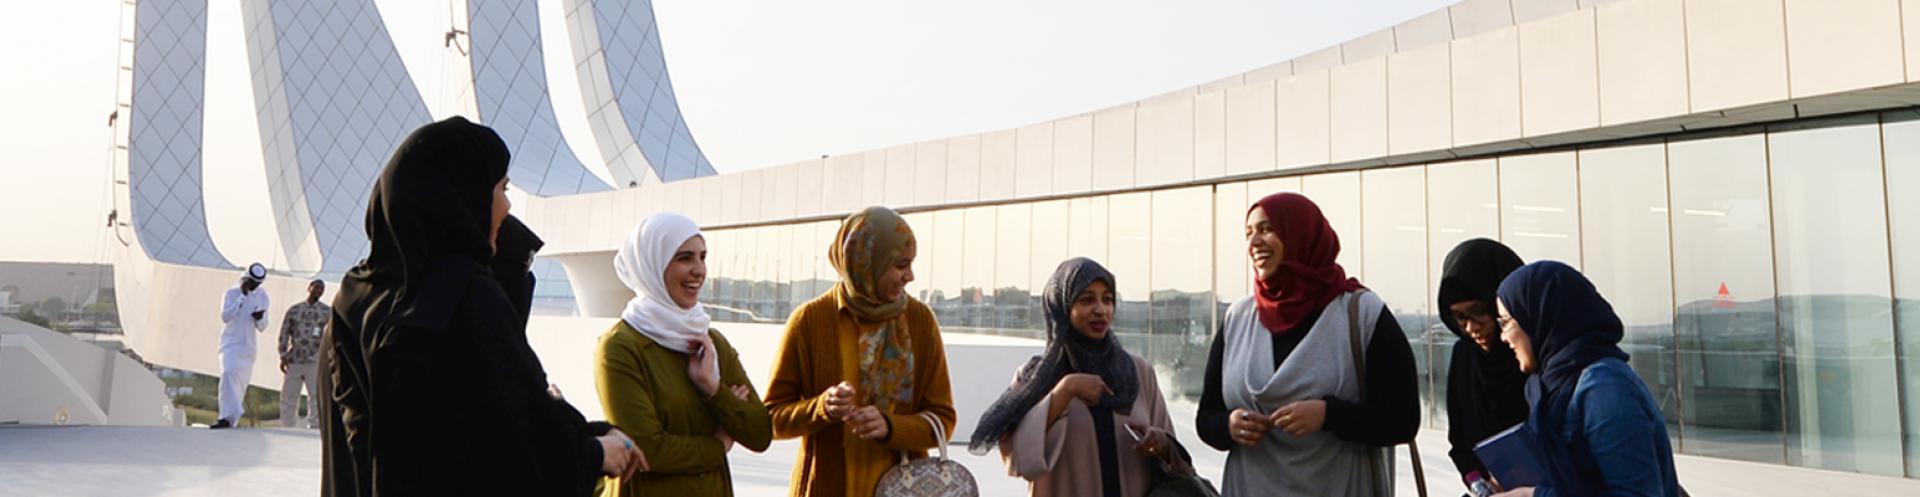 ماجستير العلوم في الفن والعمارة الإسلامية والعمران